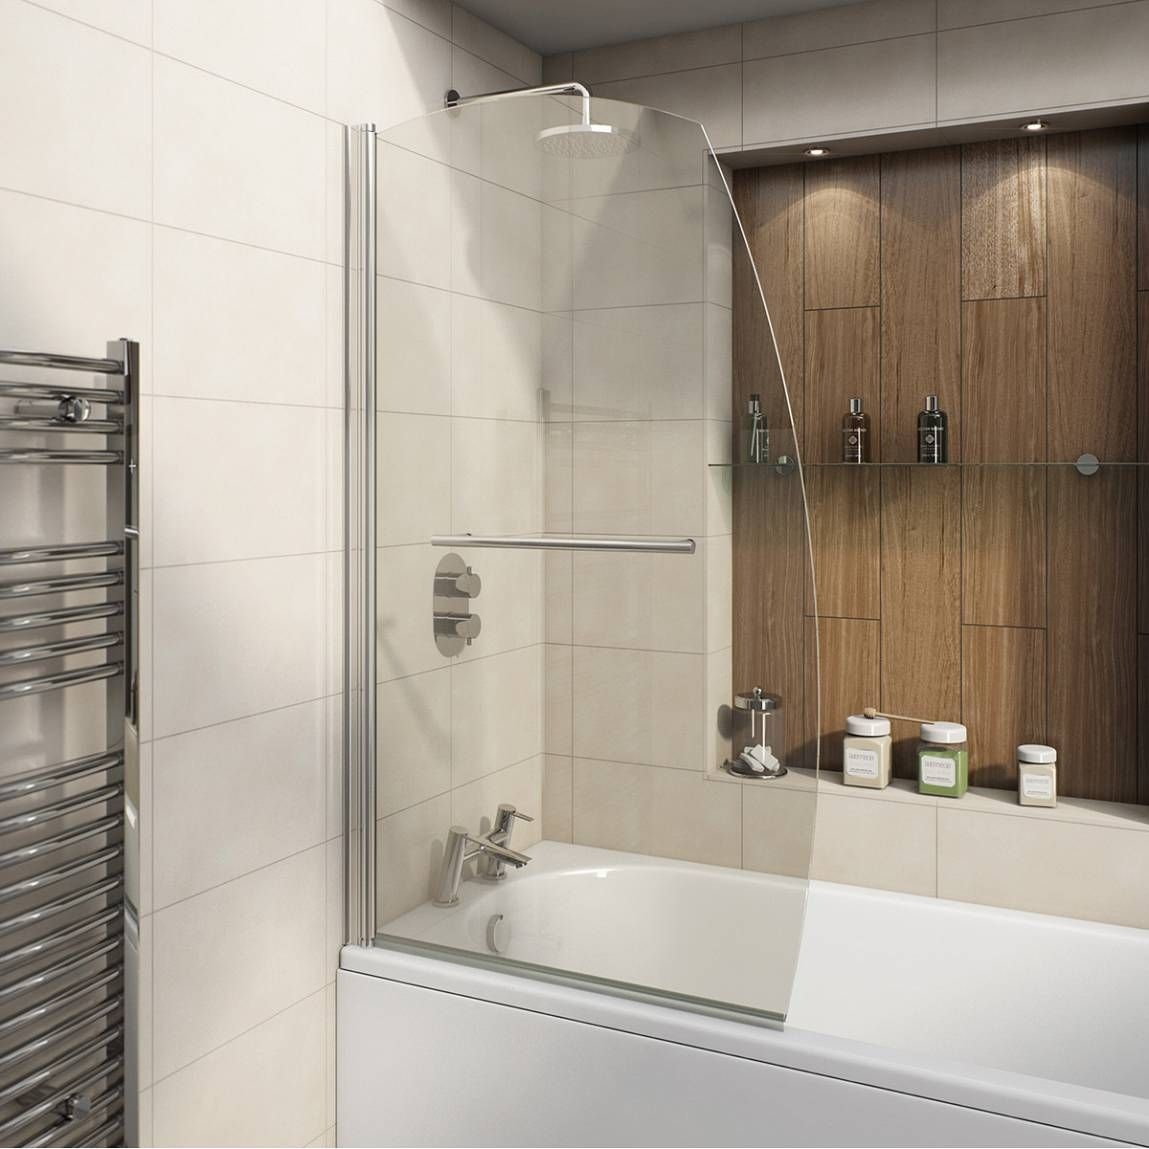 100 Sail bath screen | Bathroom Ideas | Pinterest | Bath screens ...